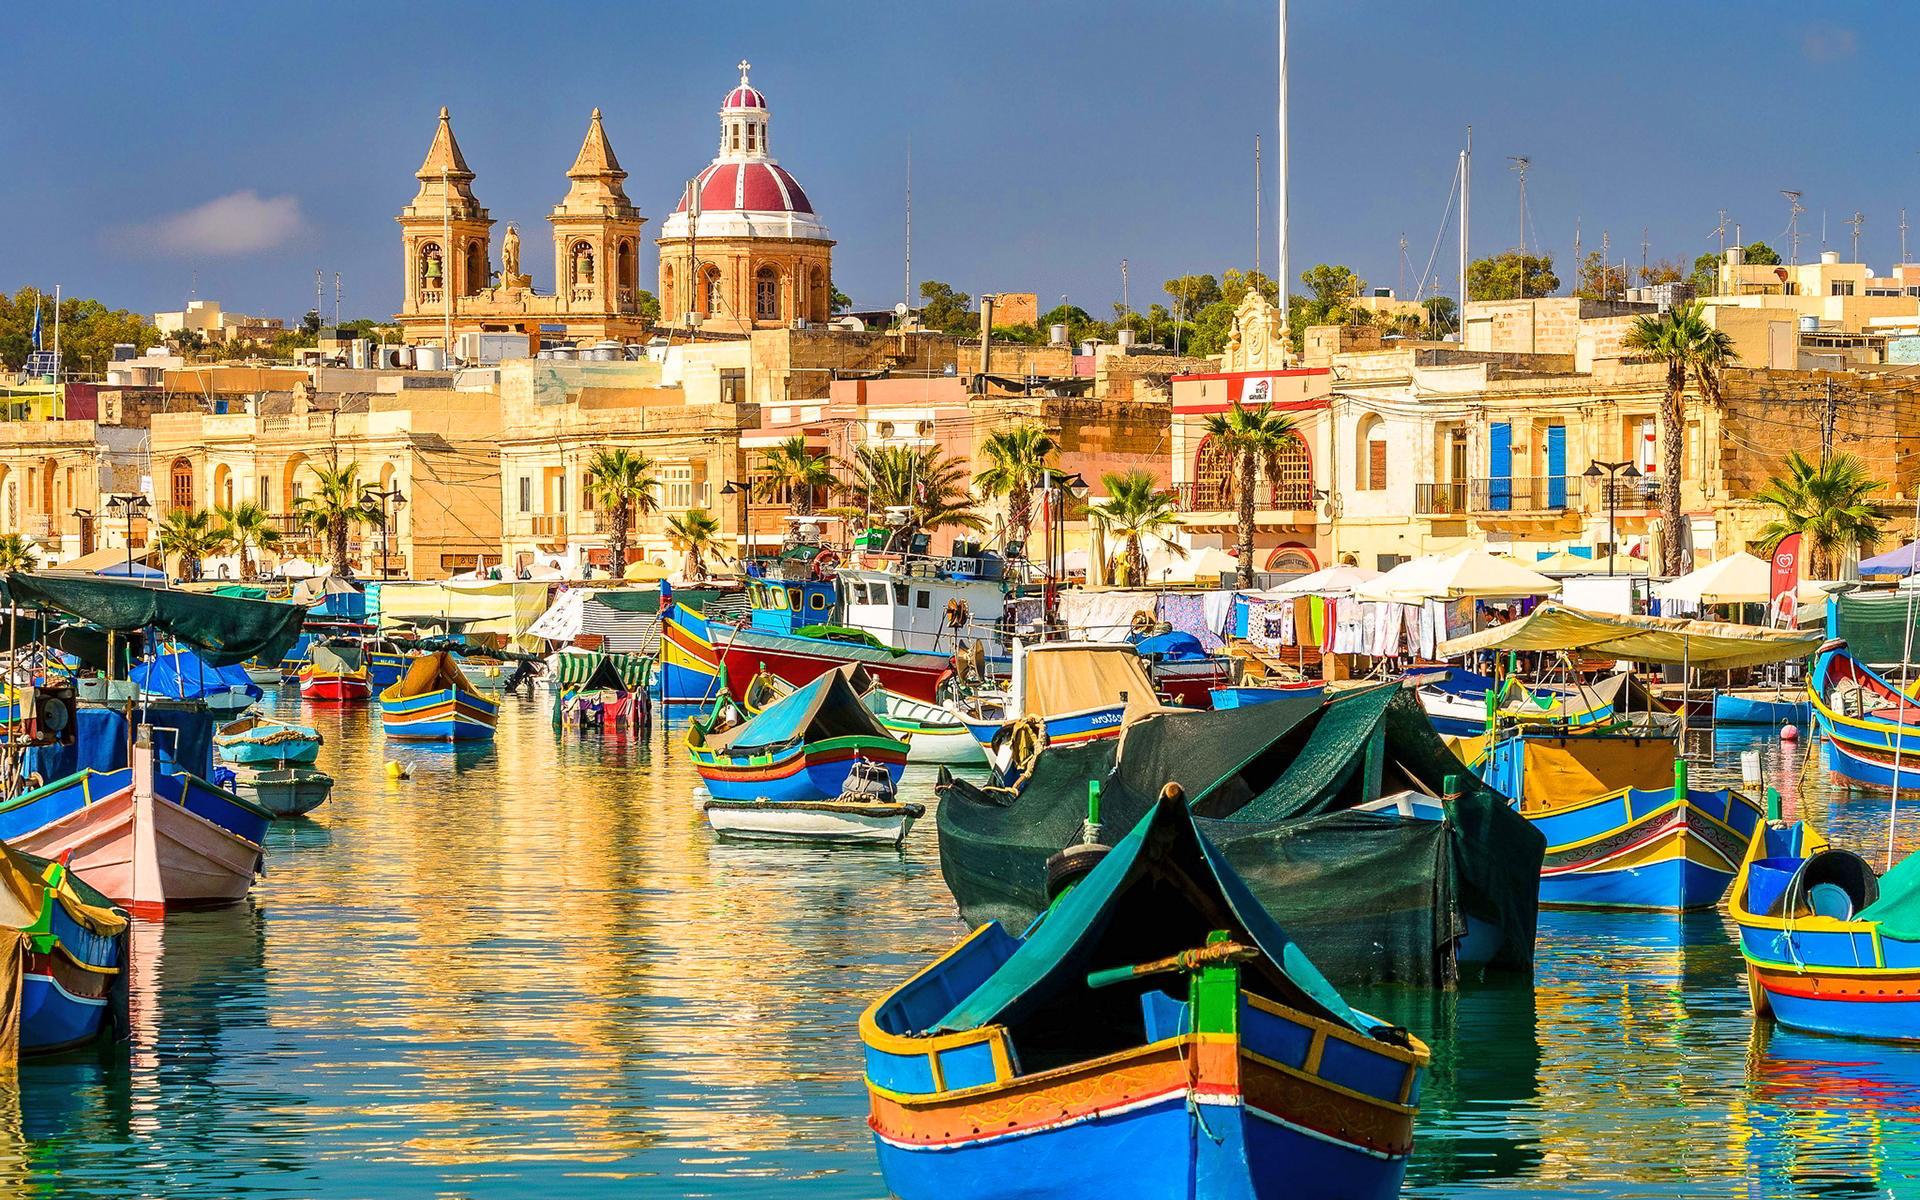 散歩するだけでもワクワクする綺麗な街並みのマルタ島